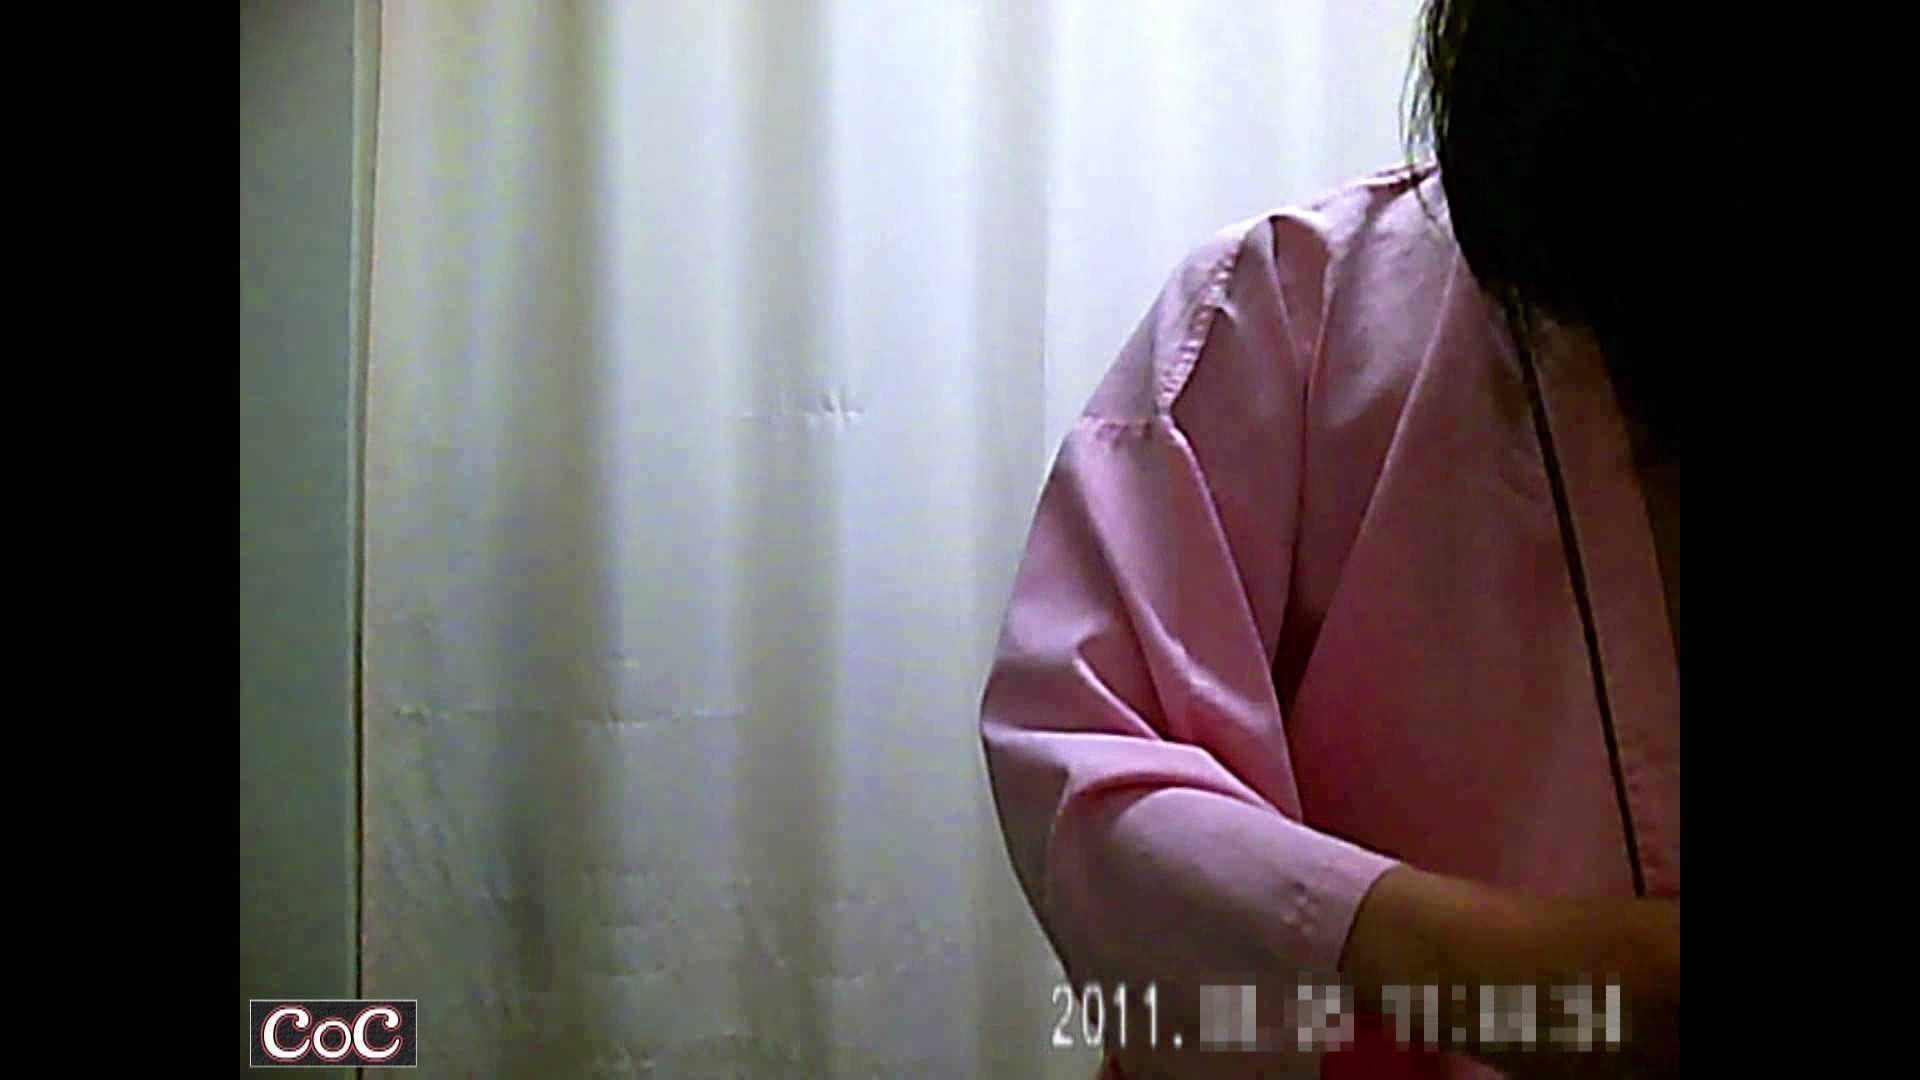 病院おもいっきり着替え! vol.12 着替え おめこ無修正動画無料 110pic 32